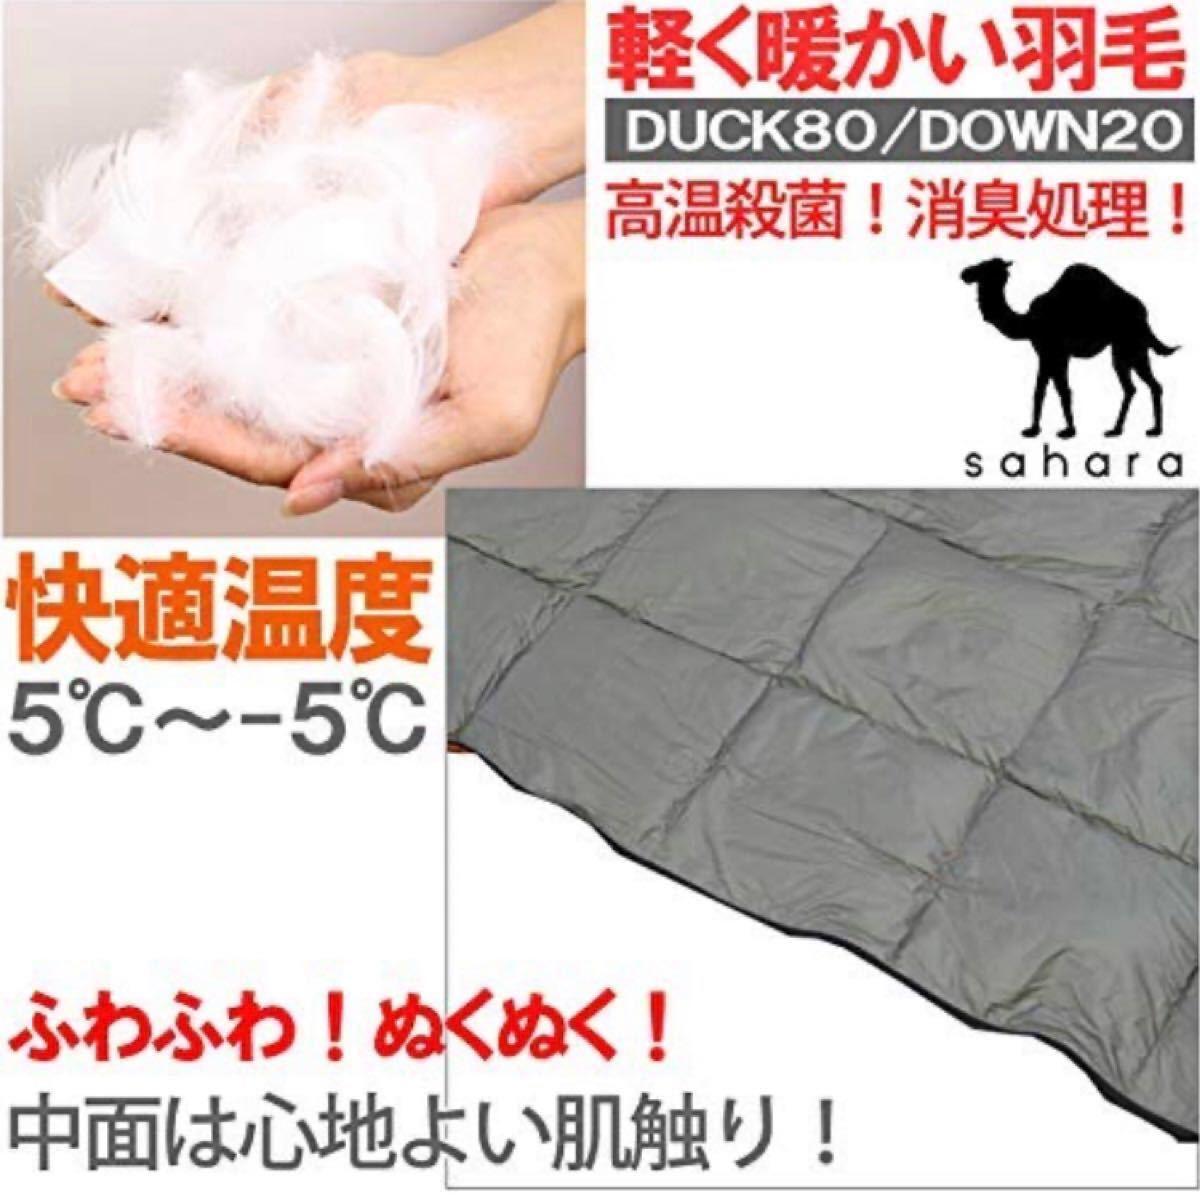 ふかふか ダウン 寝袋 封筒型 抗菌 オールシーズン 丸洗い コンパクト 防災